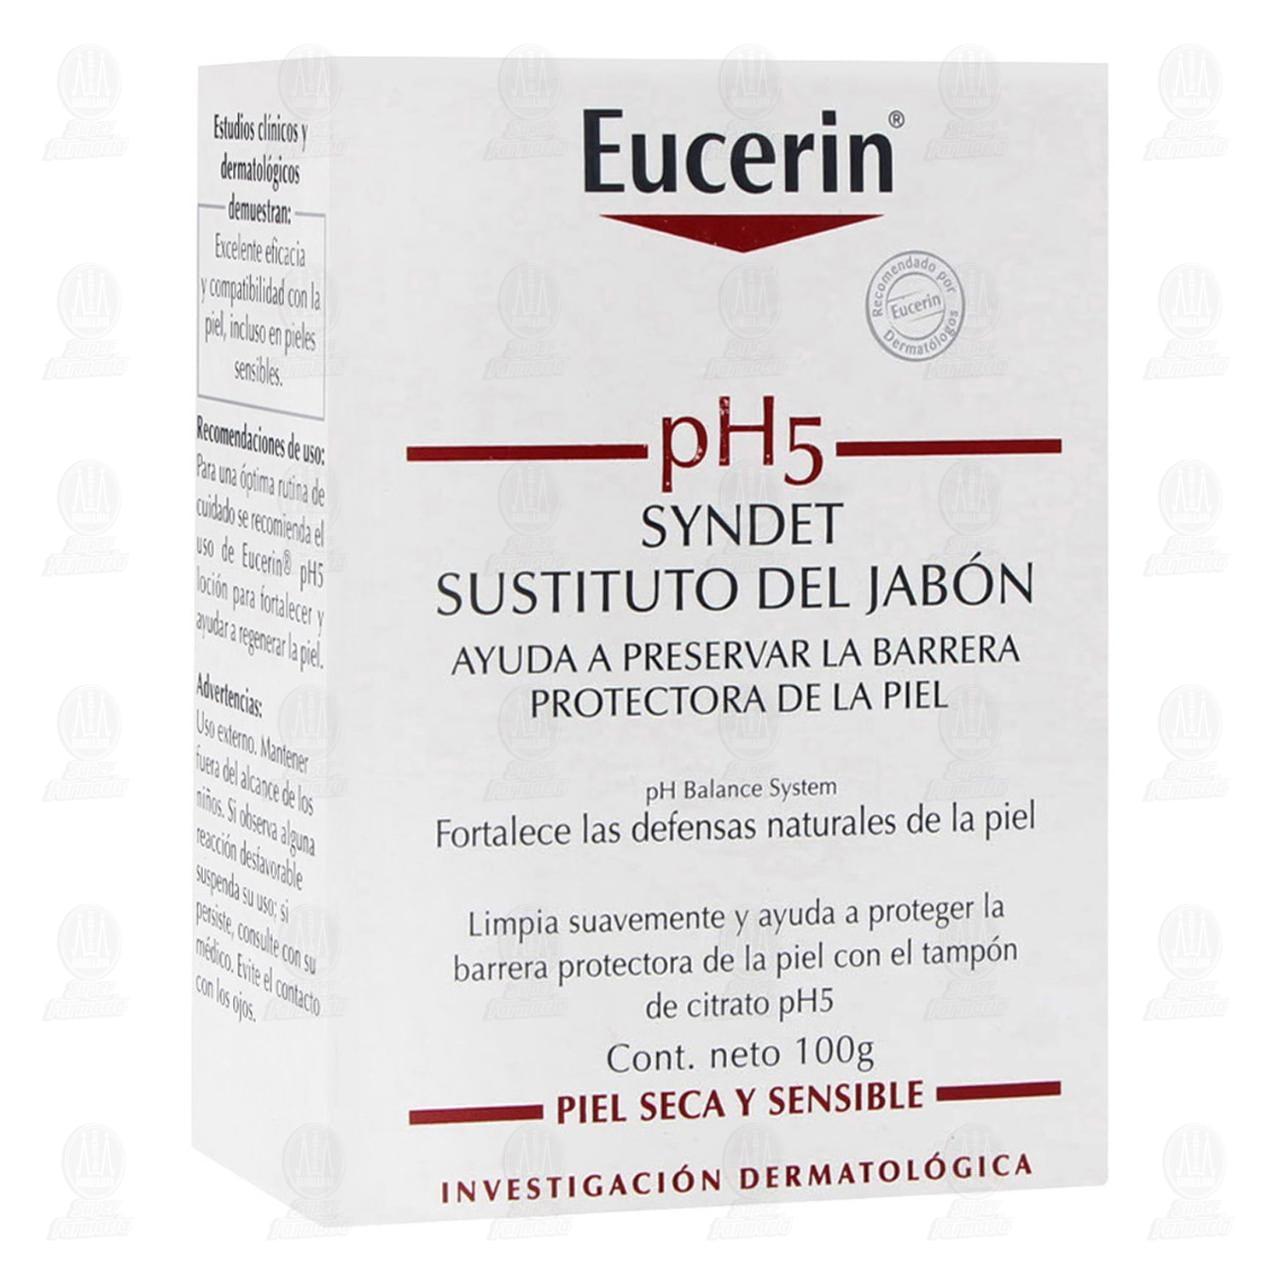 comprar https://www.movil.farmaciasguadalajara.com/wcsstore/FGCAS/wcs/products/604500_A_1280_AL.jpg en farmacias guadalajara